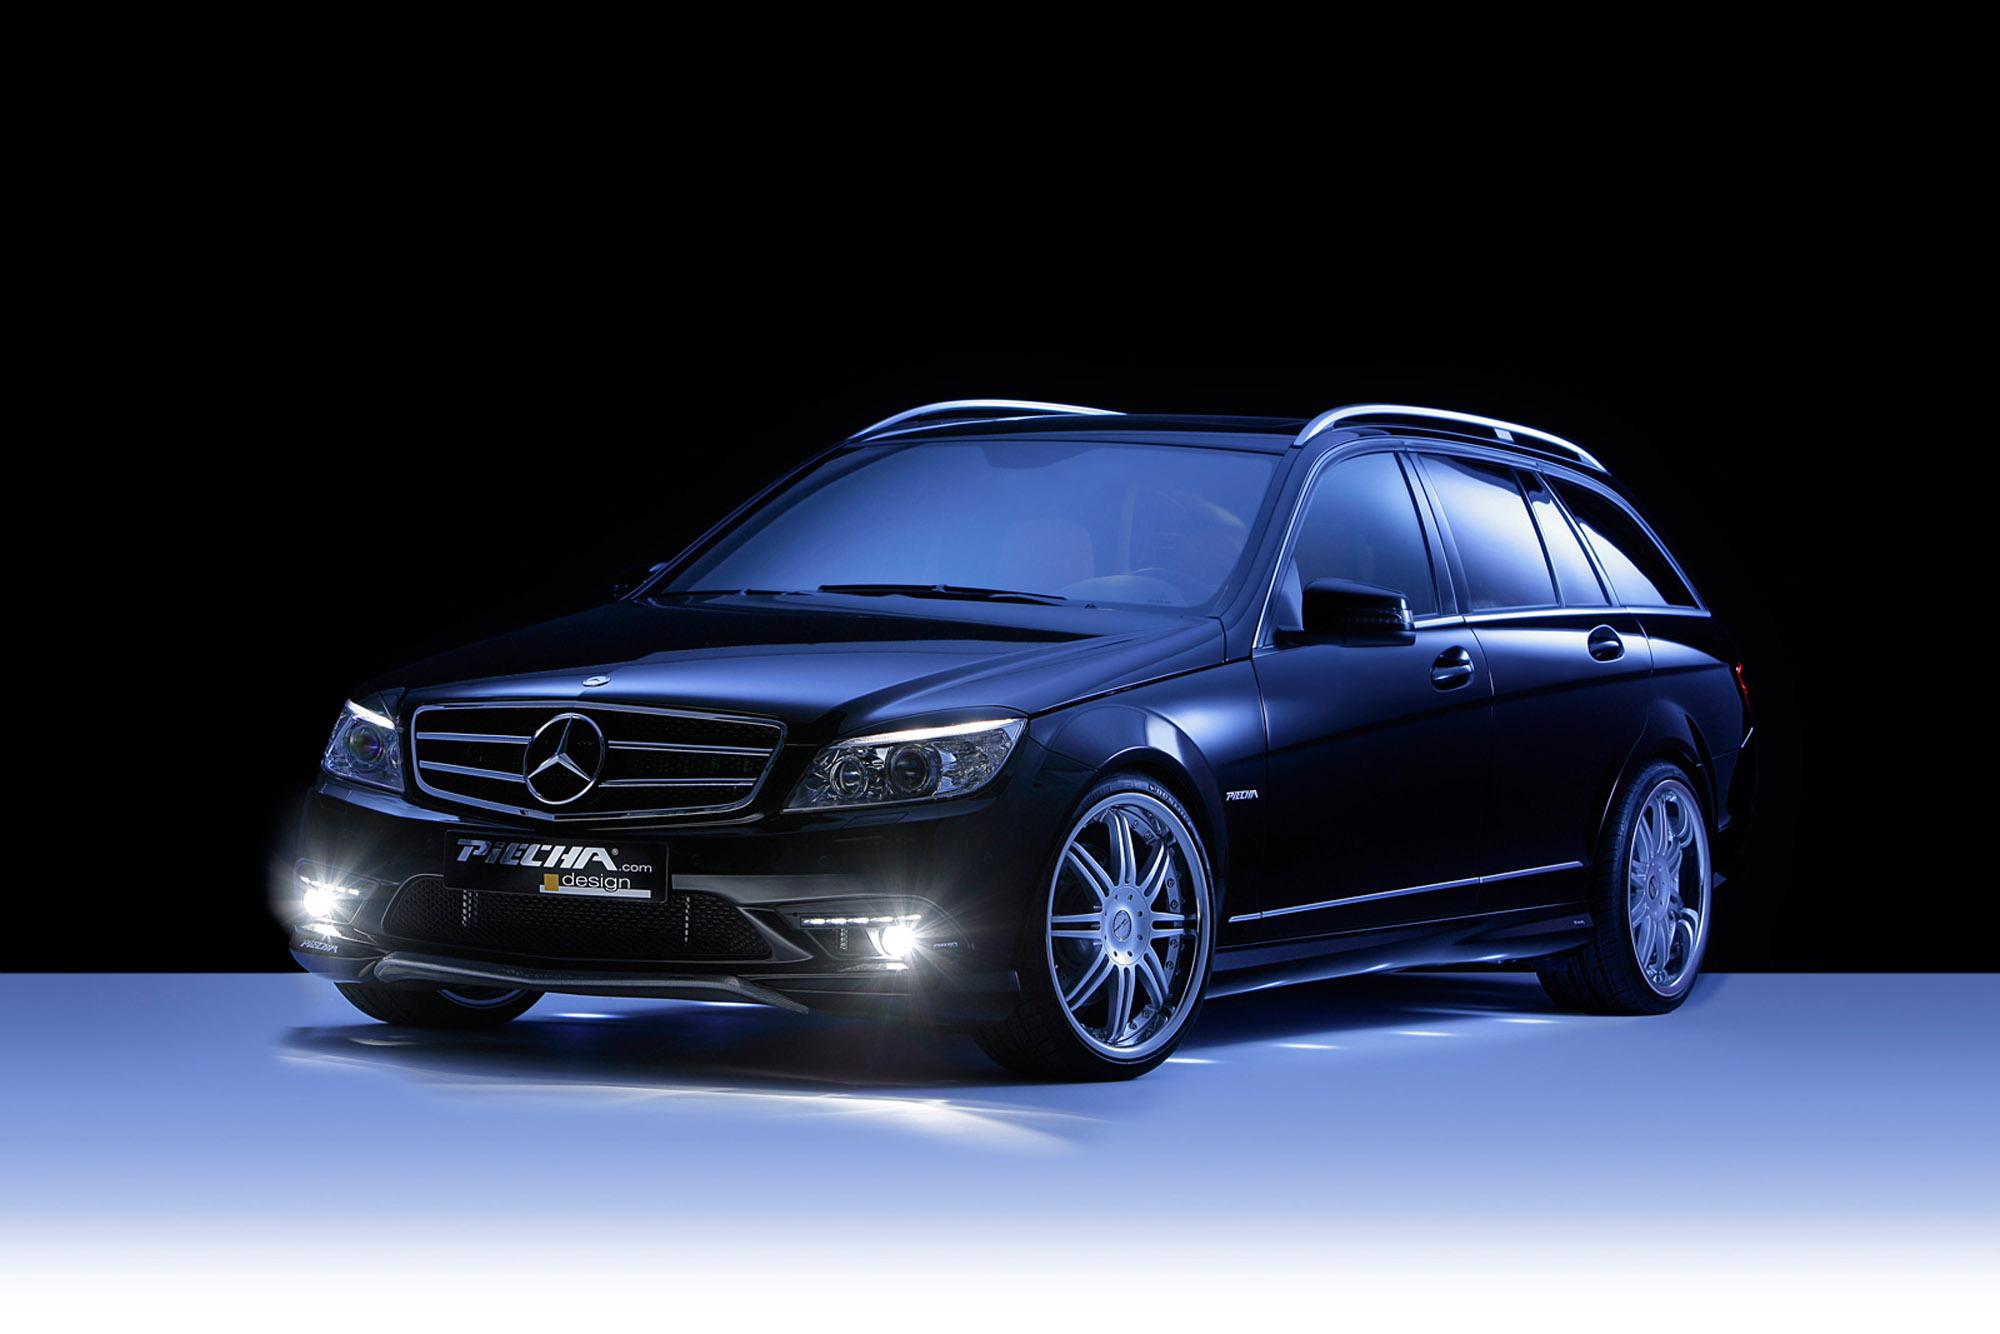 Piecha Design уточняет Mercedes-Benz C-Class универсал - фотография №1